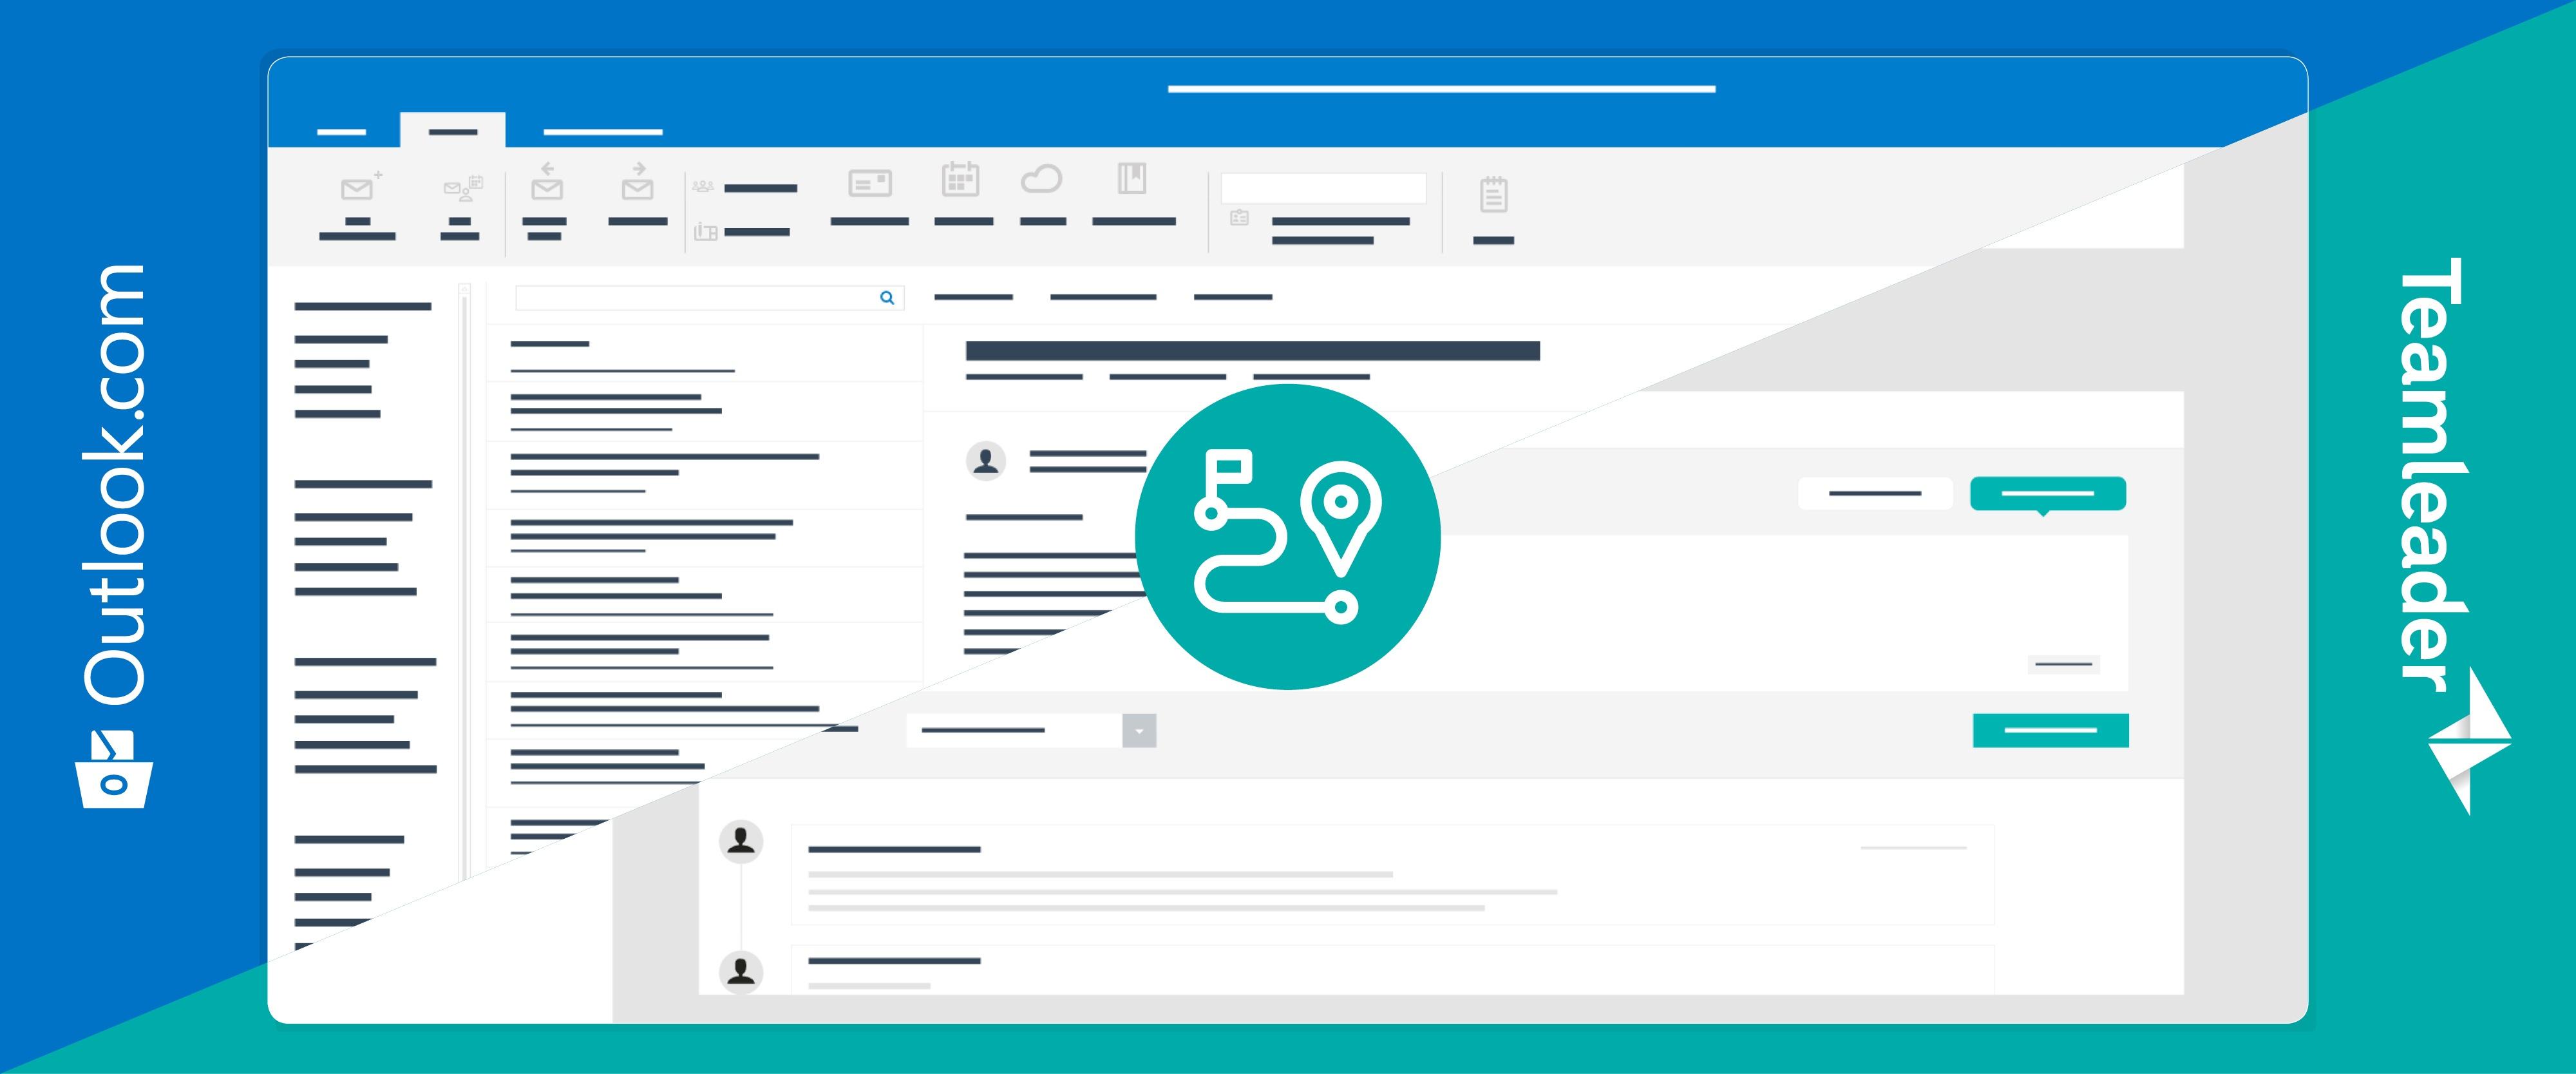 De nieuwe Outlook Add-in